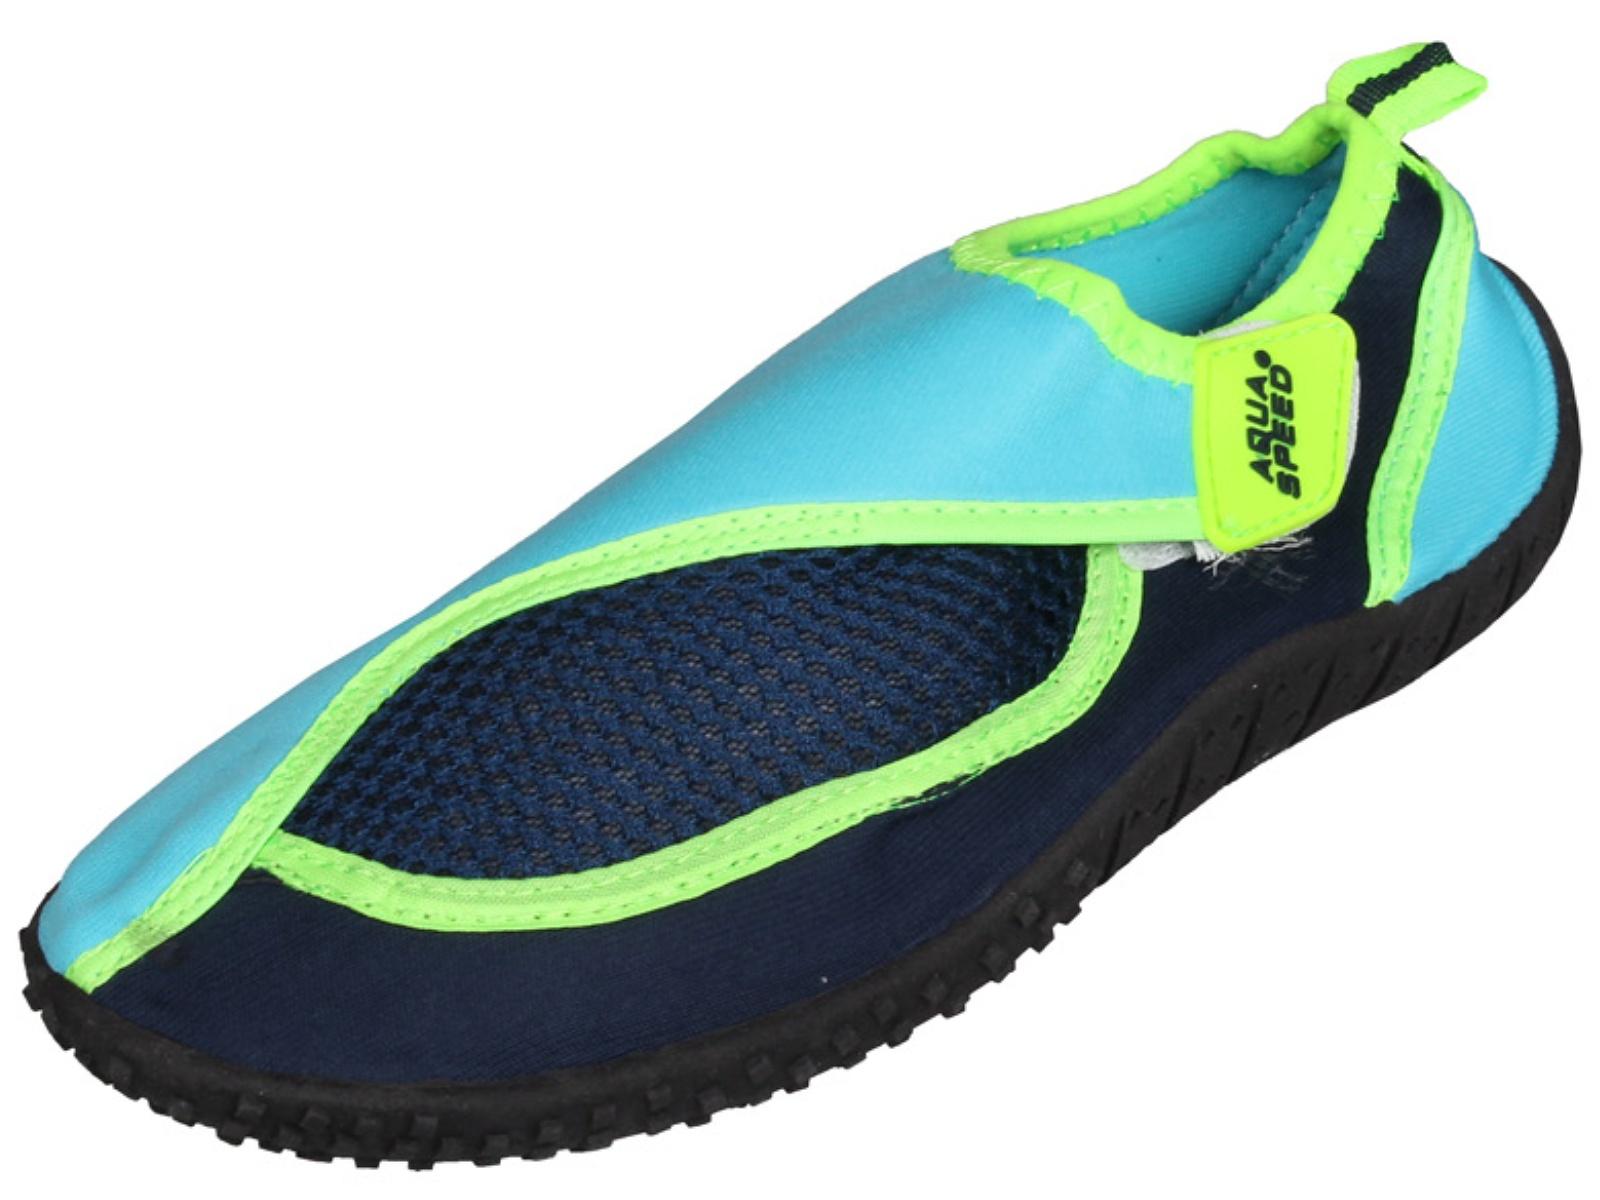 Topánky do vody AQUA-SPEED 26 detské